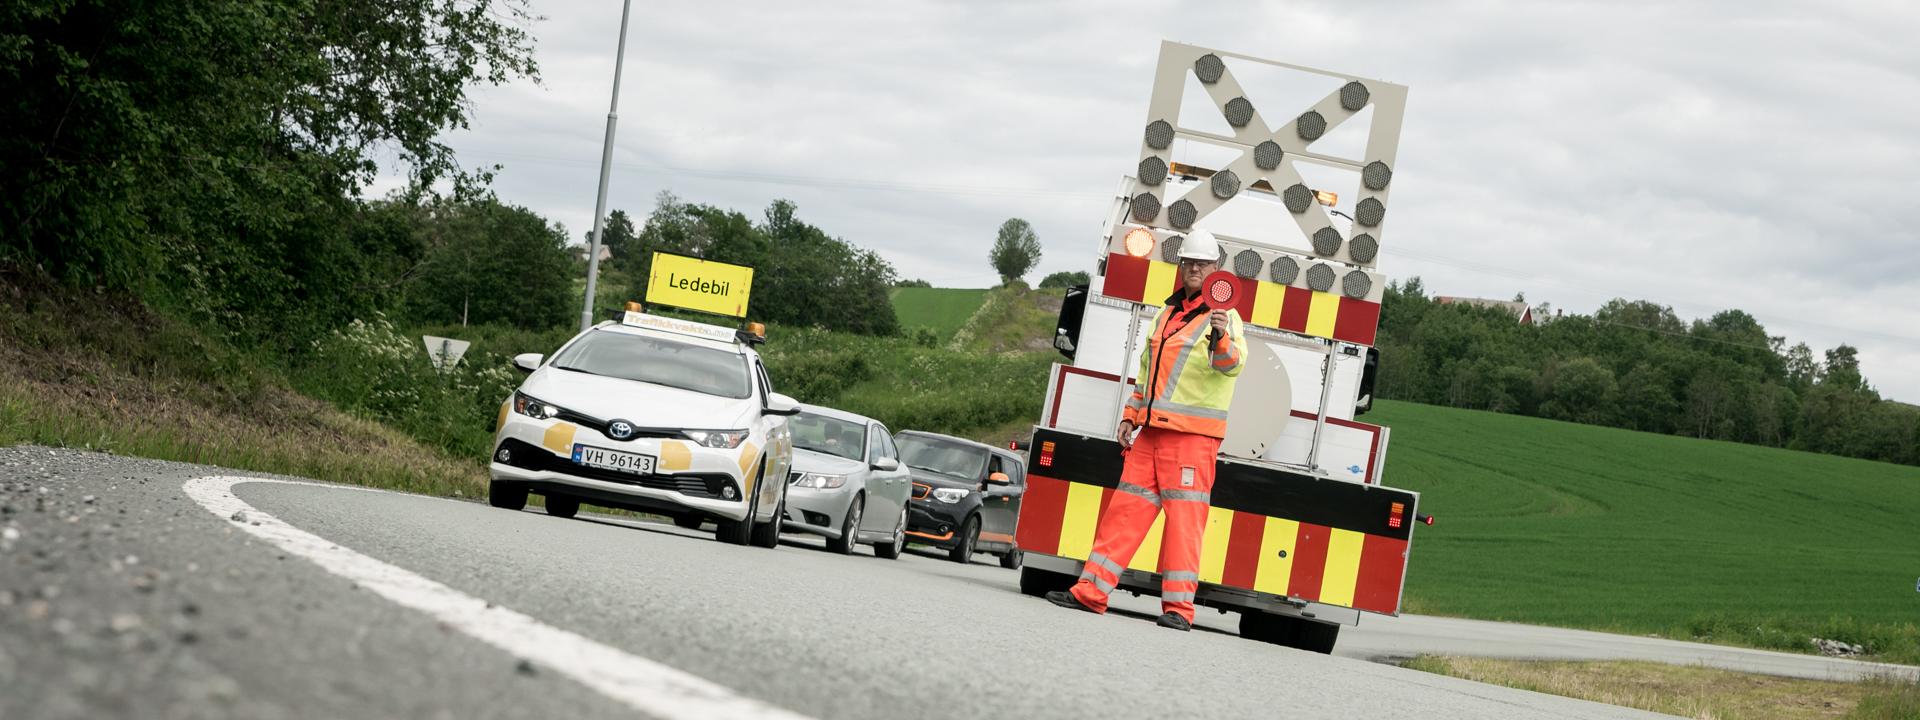 Arbeidsvarsling - Ledebil leder trafikken mens vår trafikkdirigent stopper motgående trafikk.